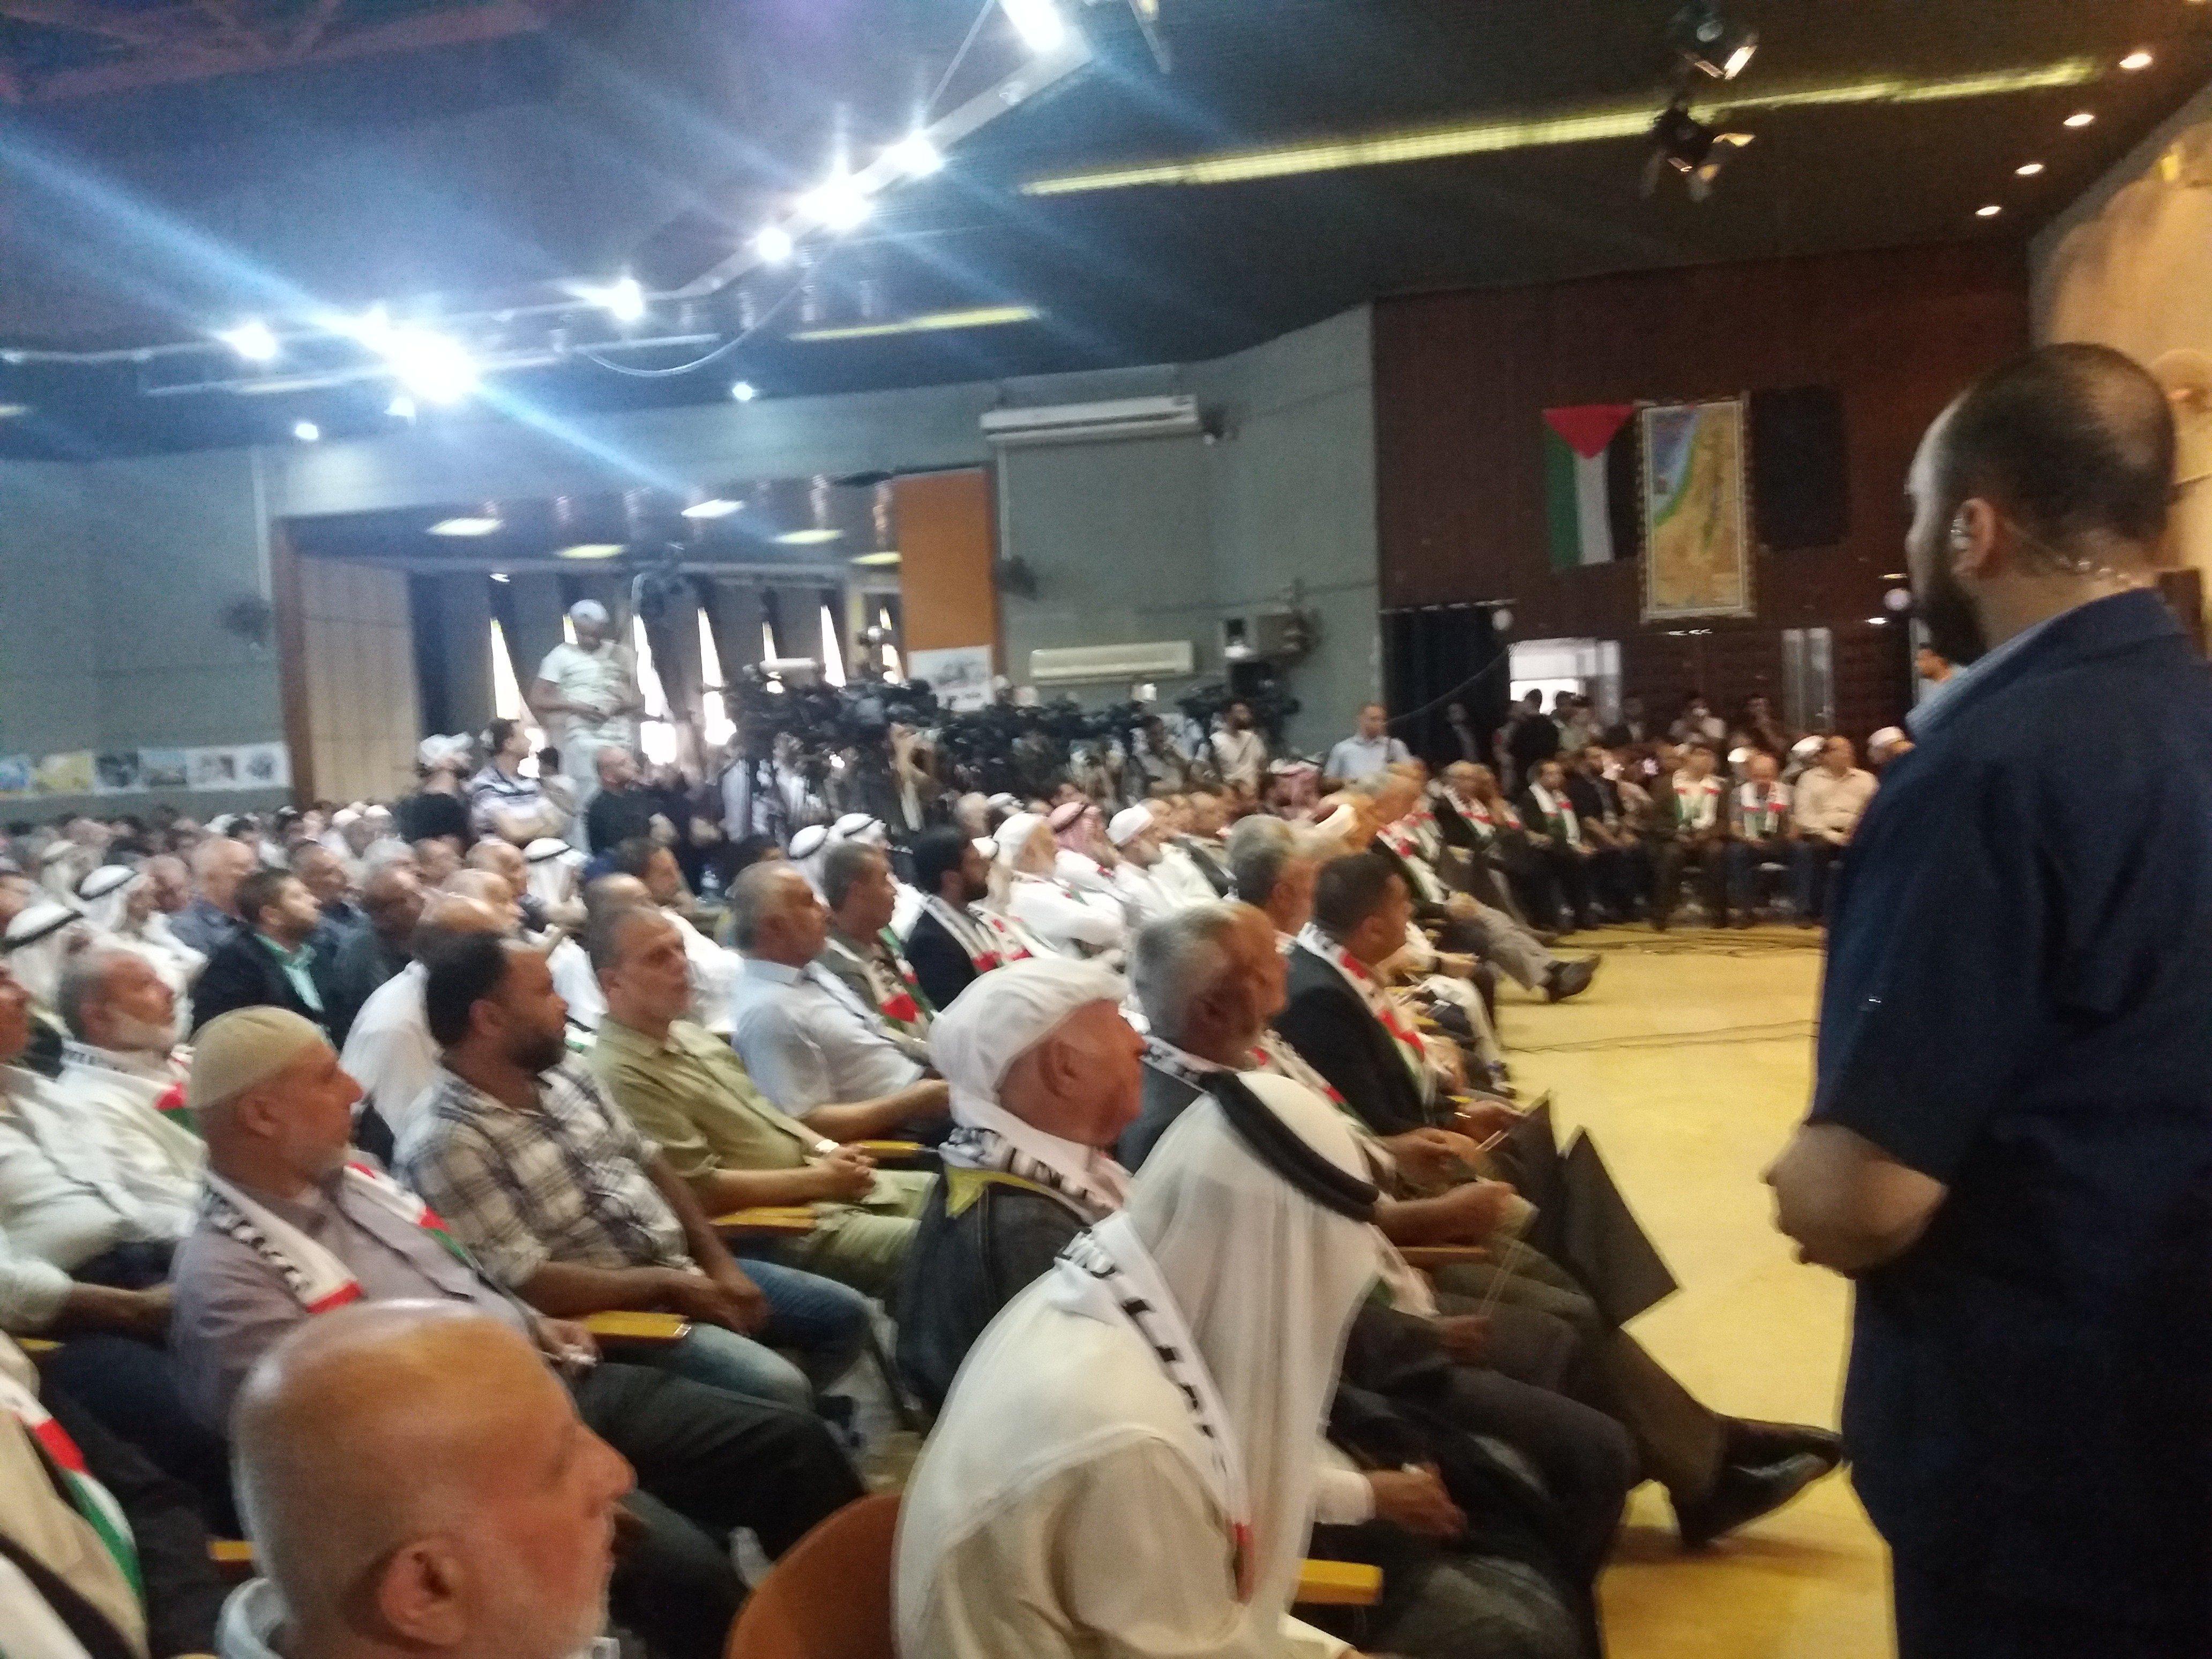 Teilnehmer der nationalen Volkskonferenz im Rashad Alshawa Cultural Center in Gaza City. Die Konferenz ist aus Protest gegen den Manama-Workshop. (Foto: Rami Almeghari)